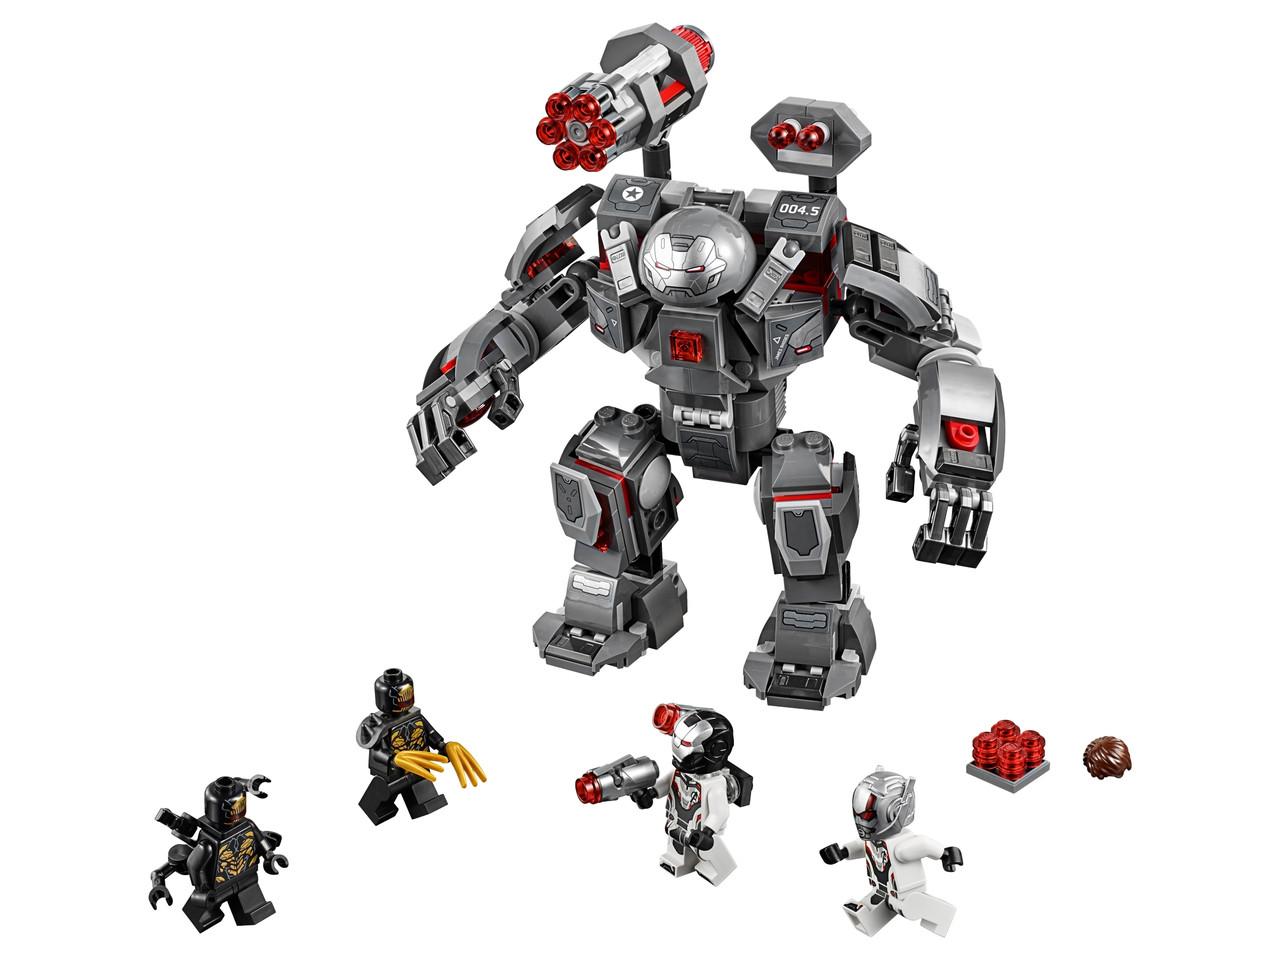 Конструктор LEGO Воитель 362 деталей (76124)